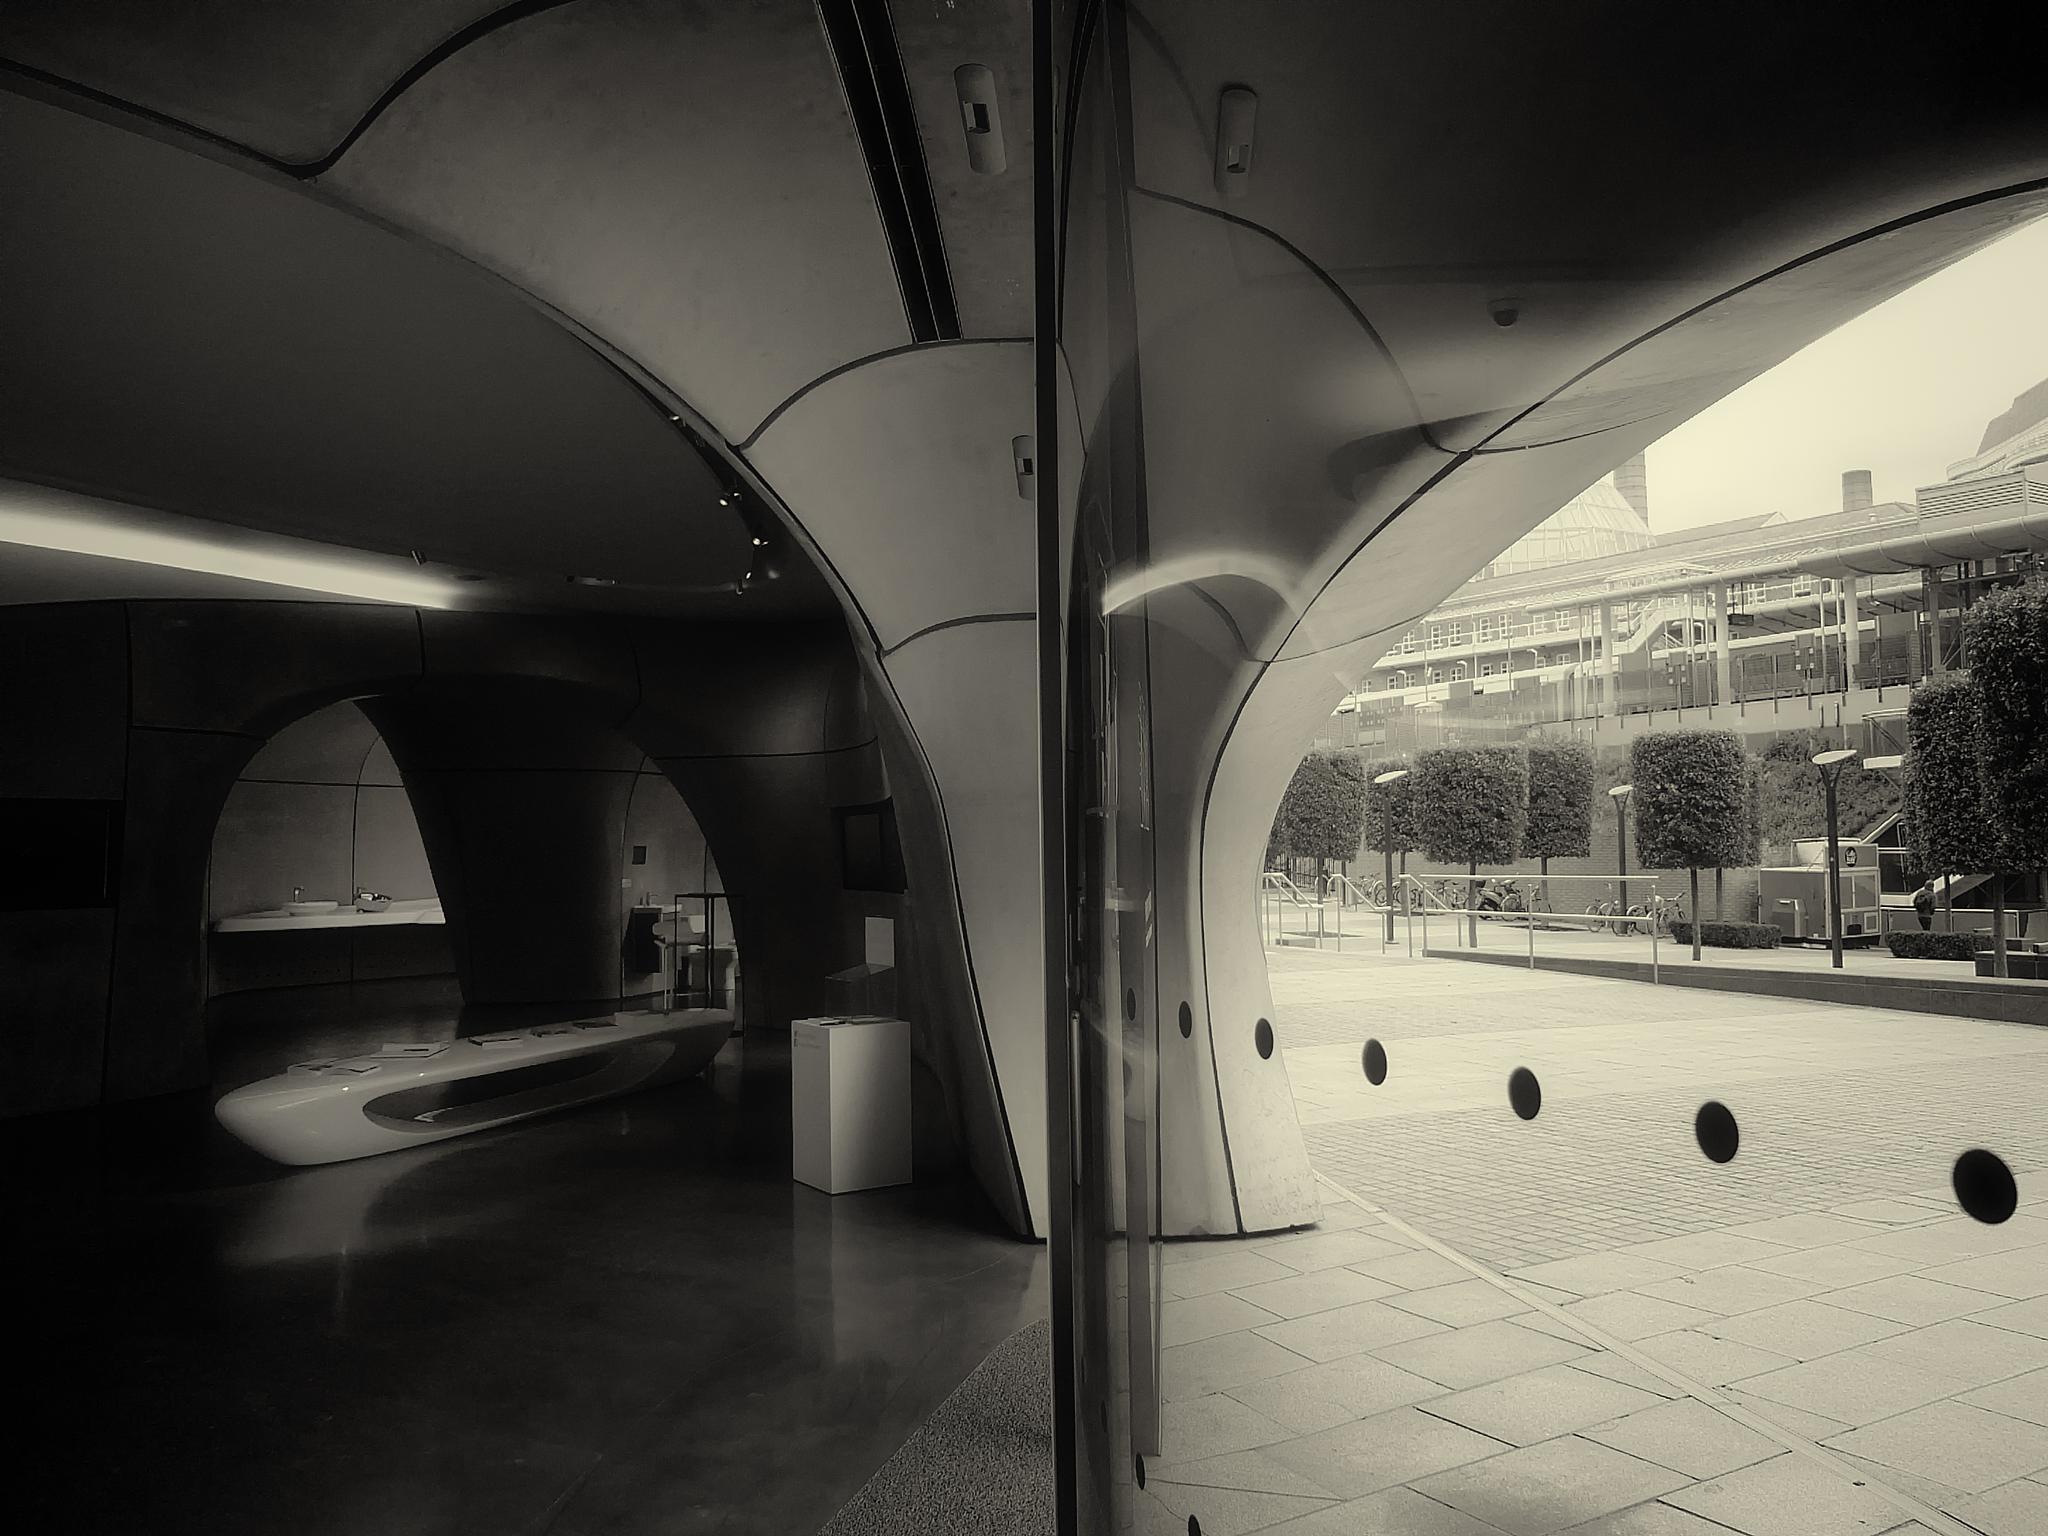 Inside/Outside by Petya M.